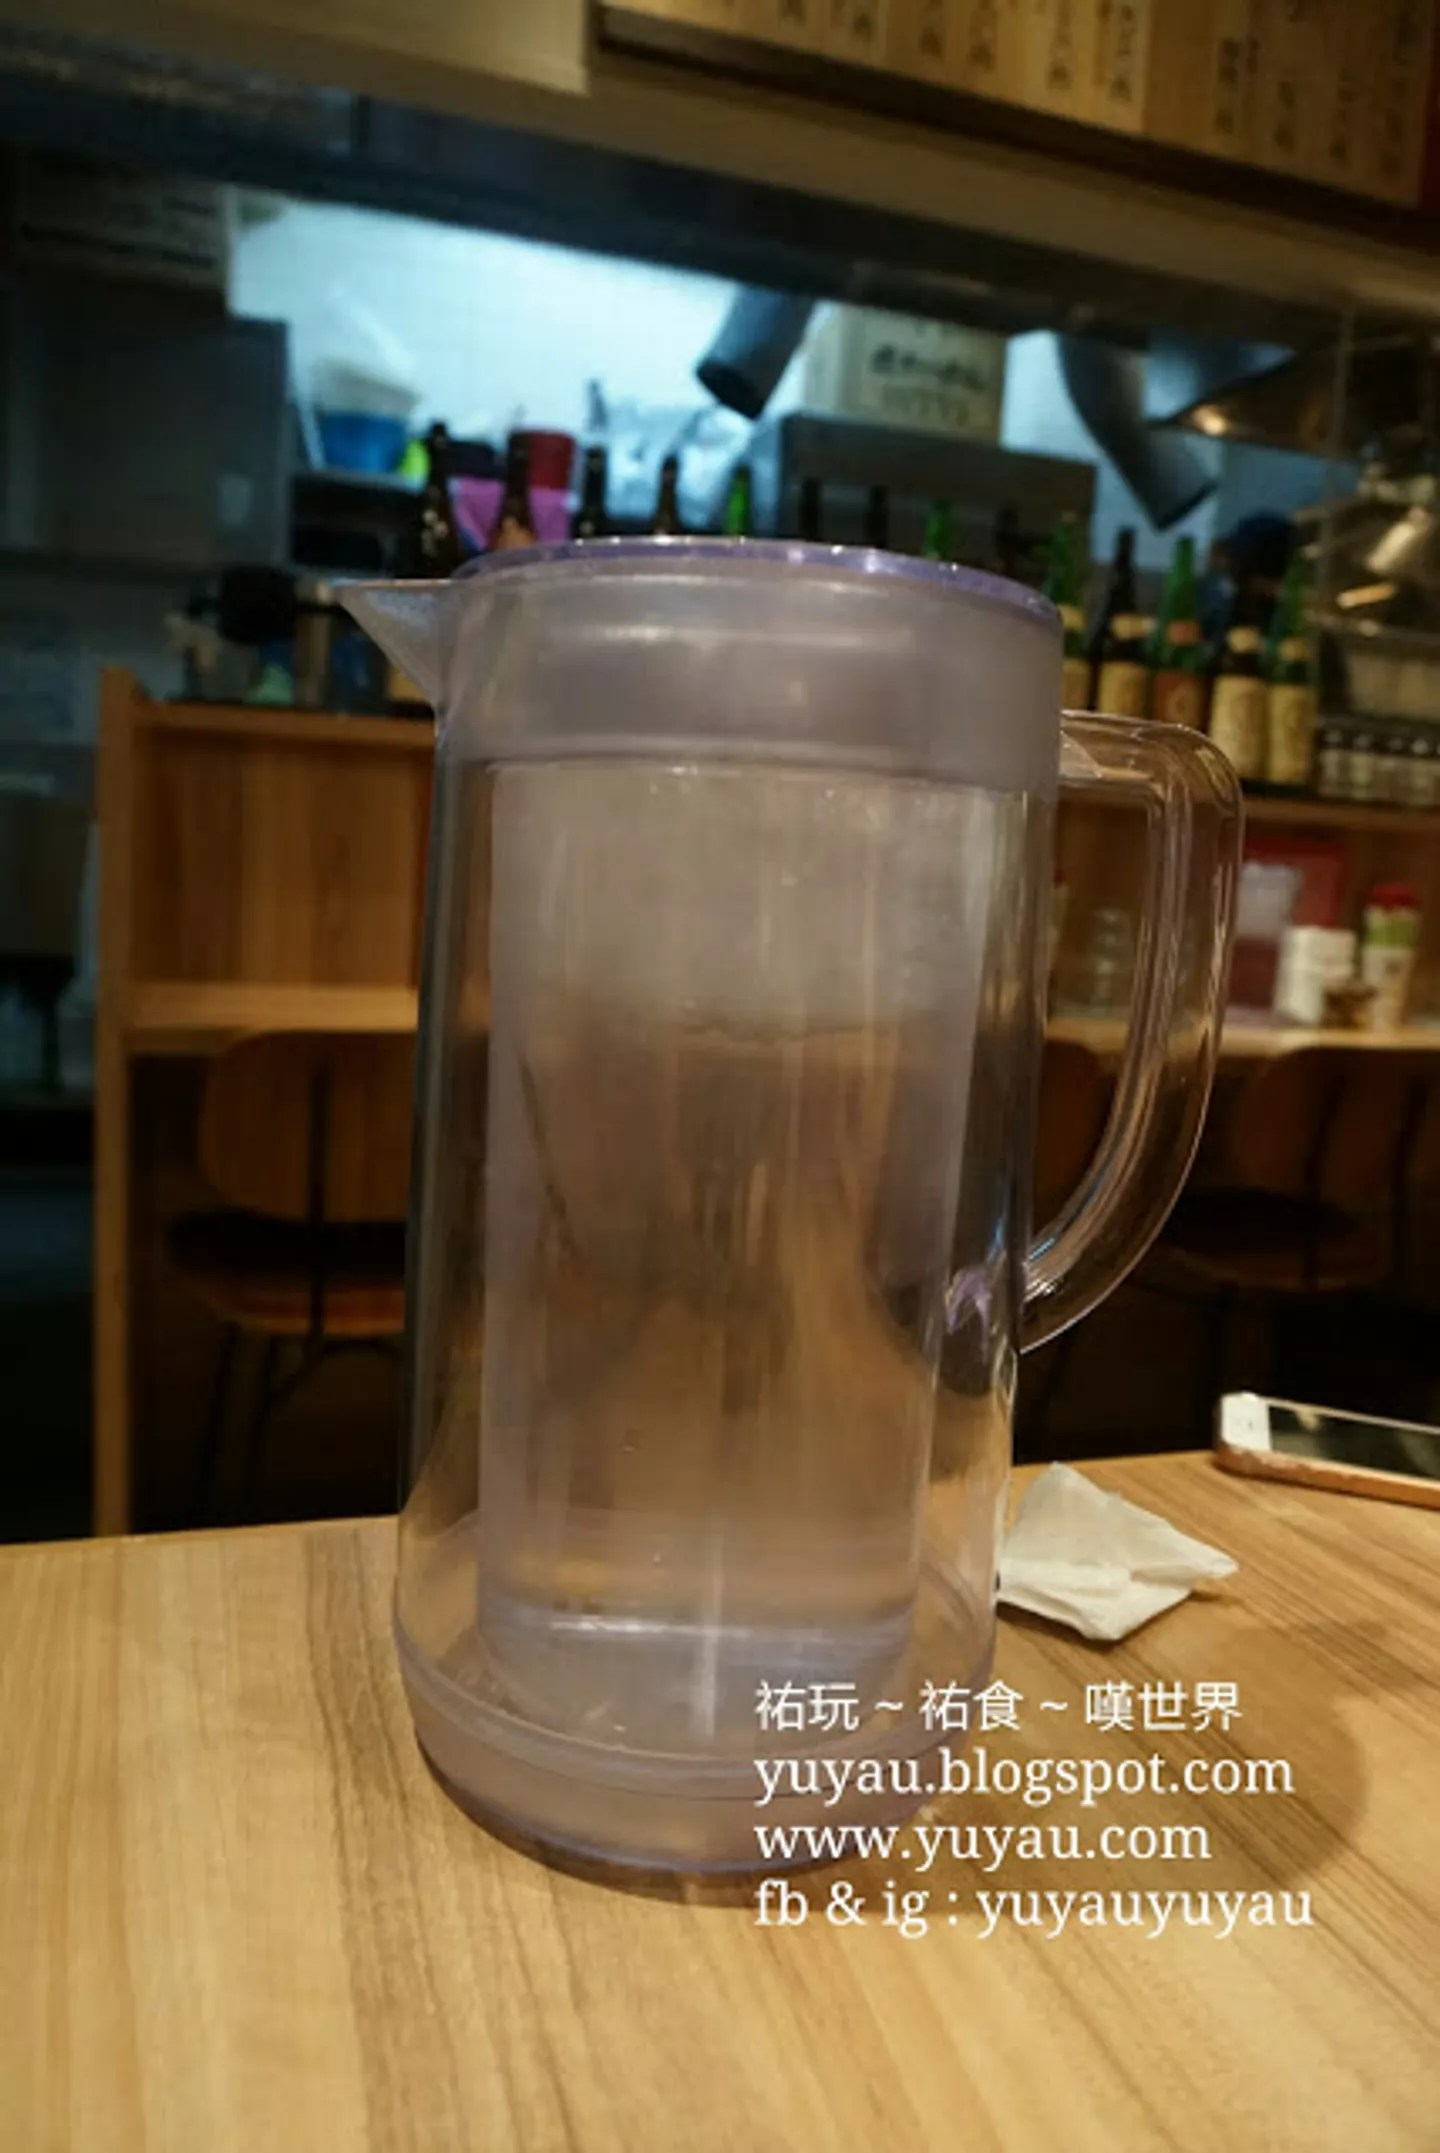 岡山美食 - 小豆島拉麵 HISHIO (岡山站前)@祐YaU (14255) - 旅行酒吧